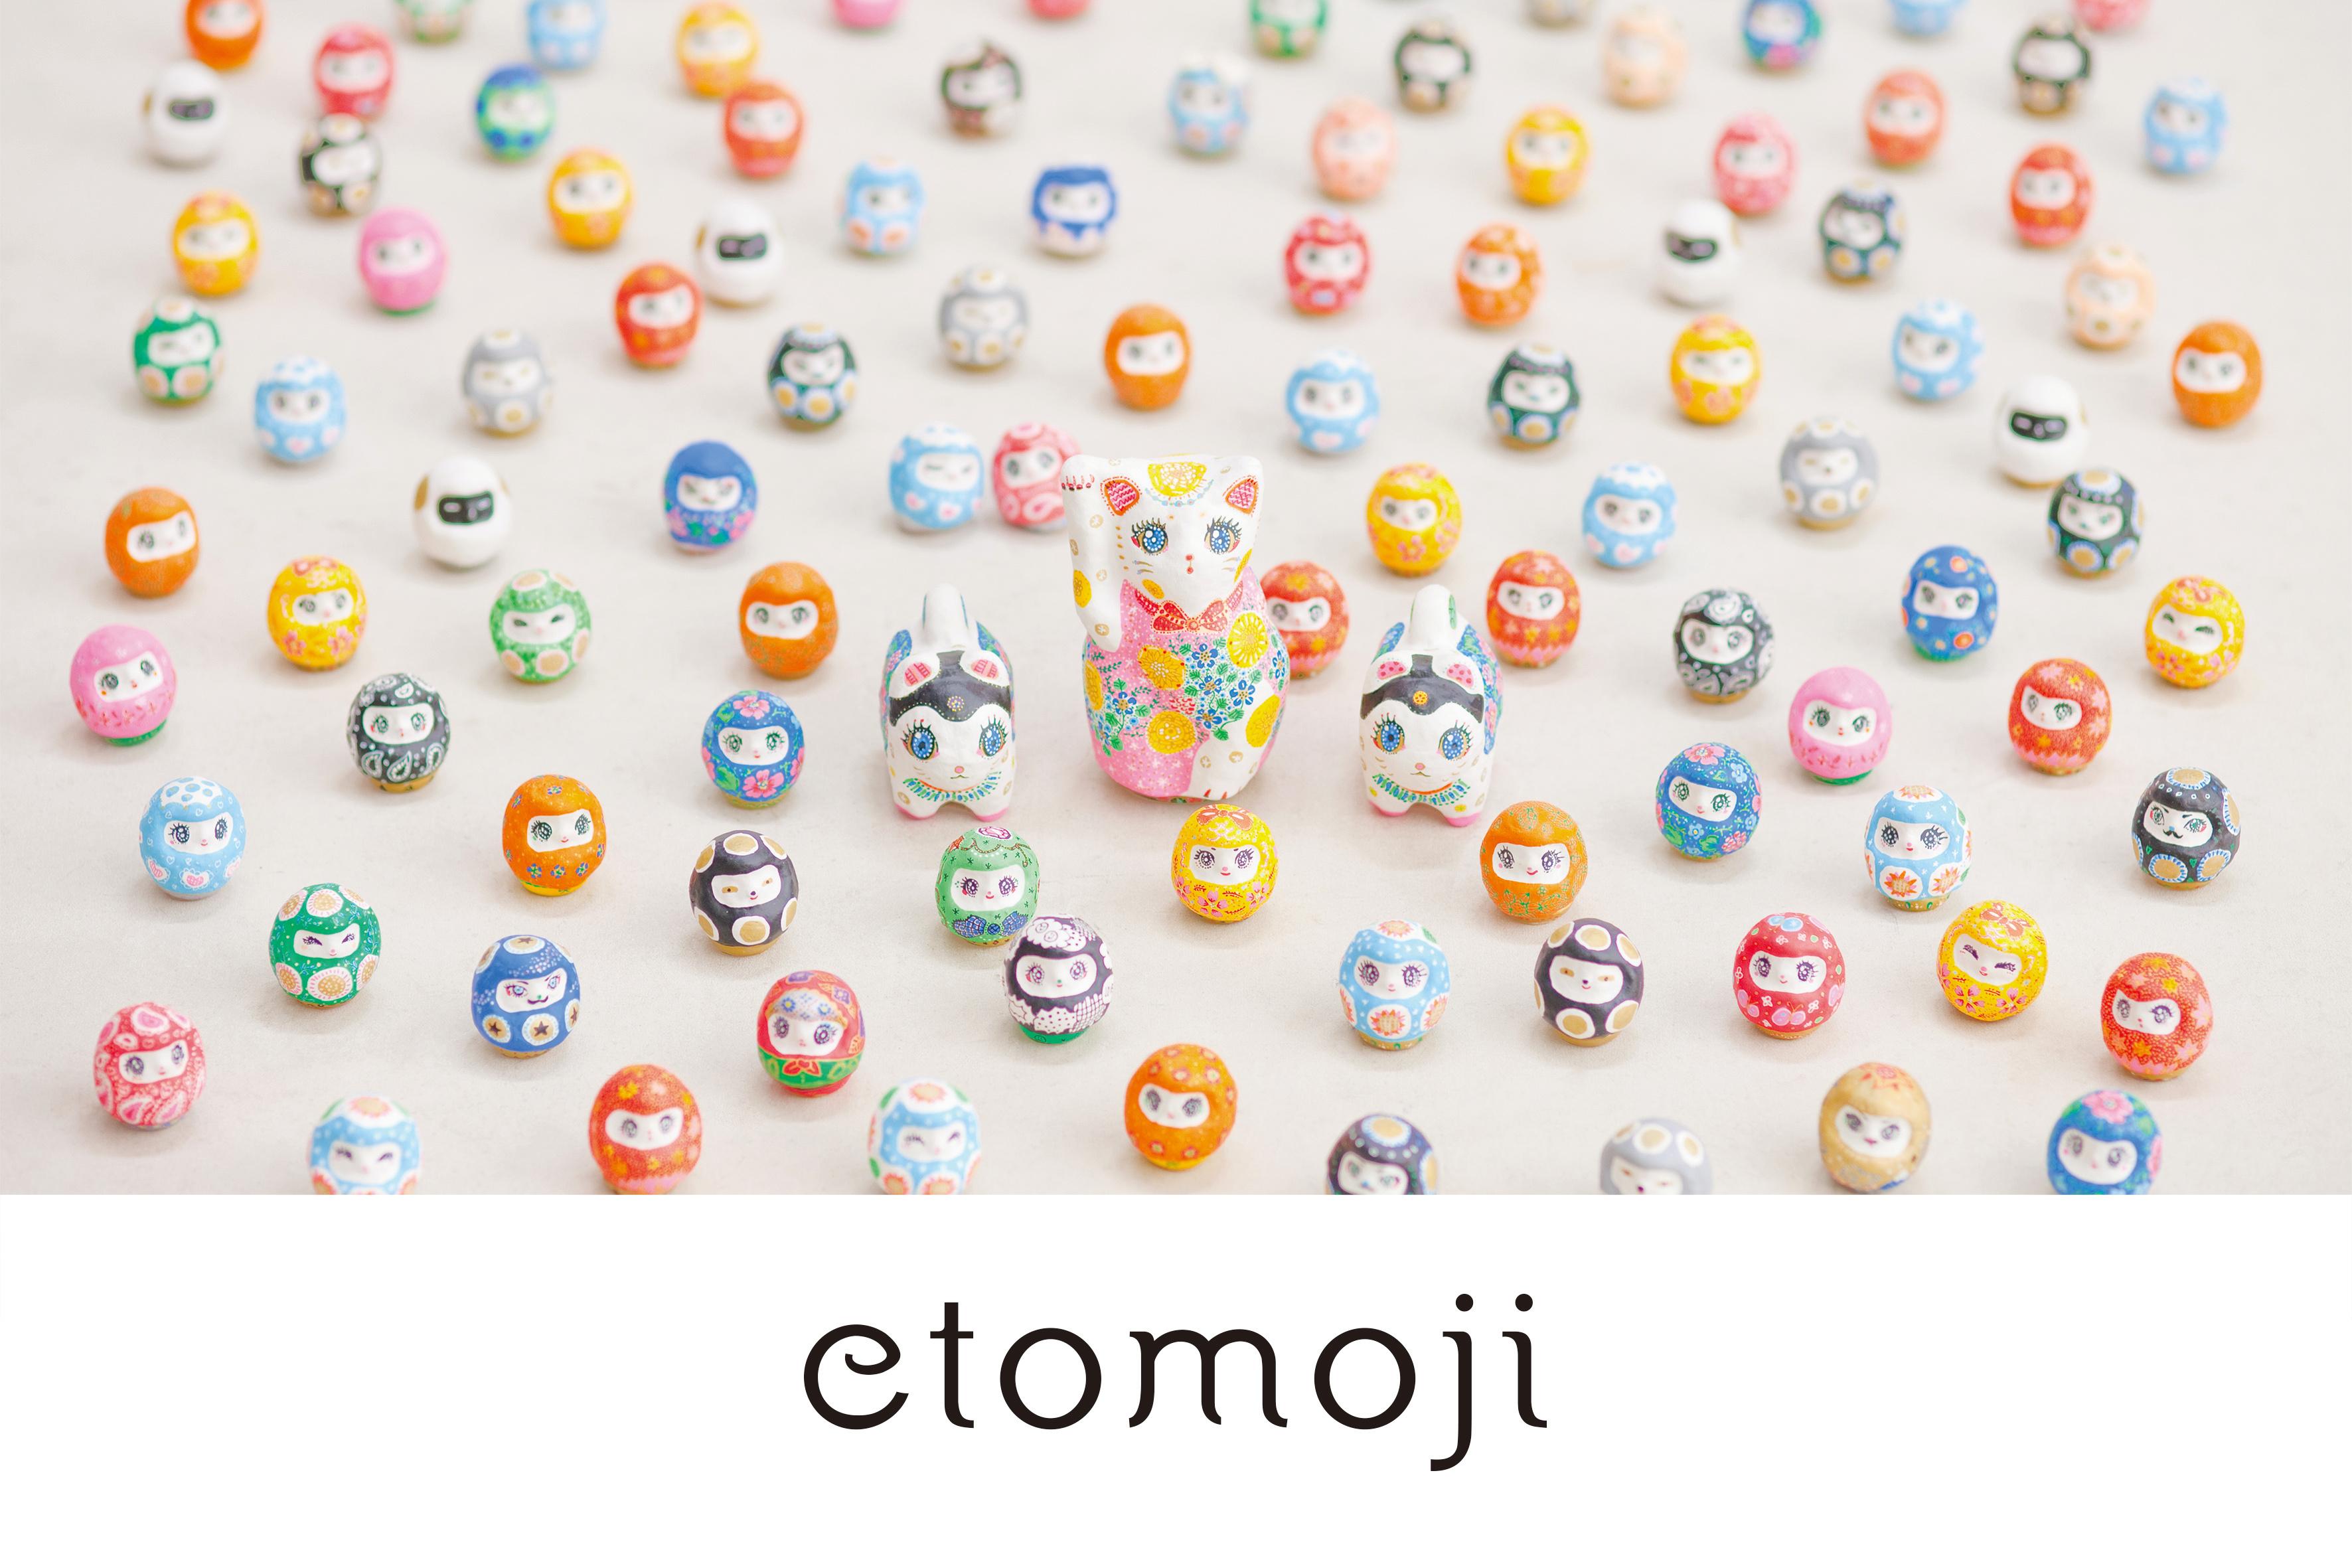 etomoji  ☝Click